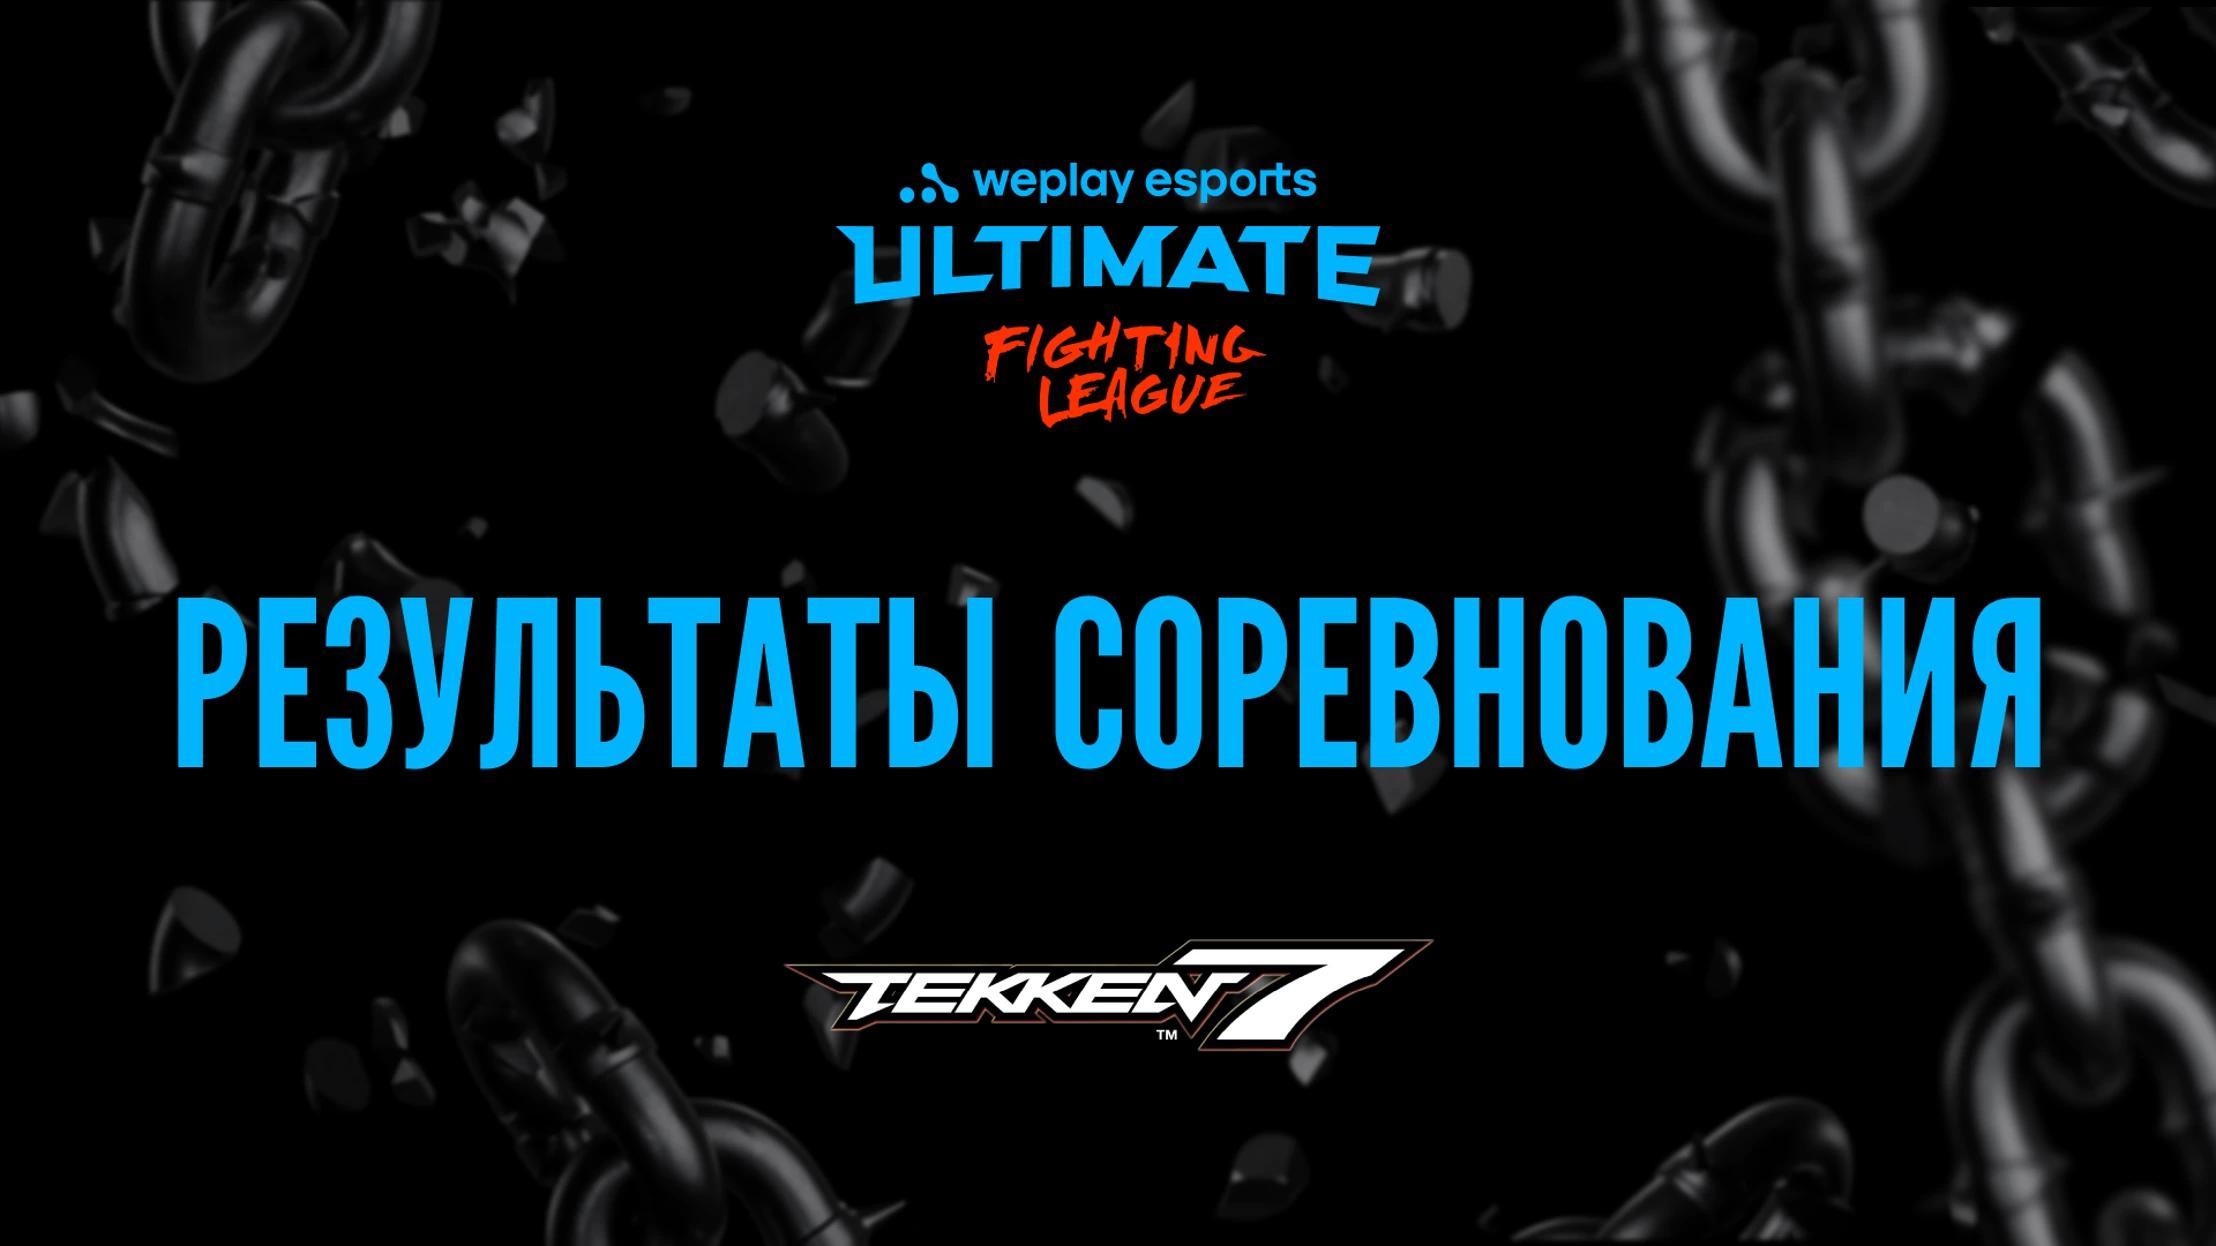 Известен победитель соревнования WePlay Ultimate Fighting League Season 1 по Tekken 7